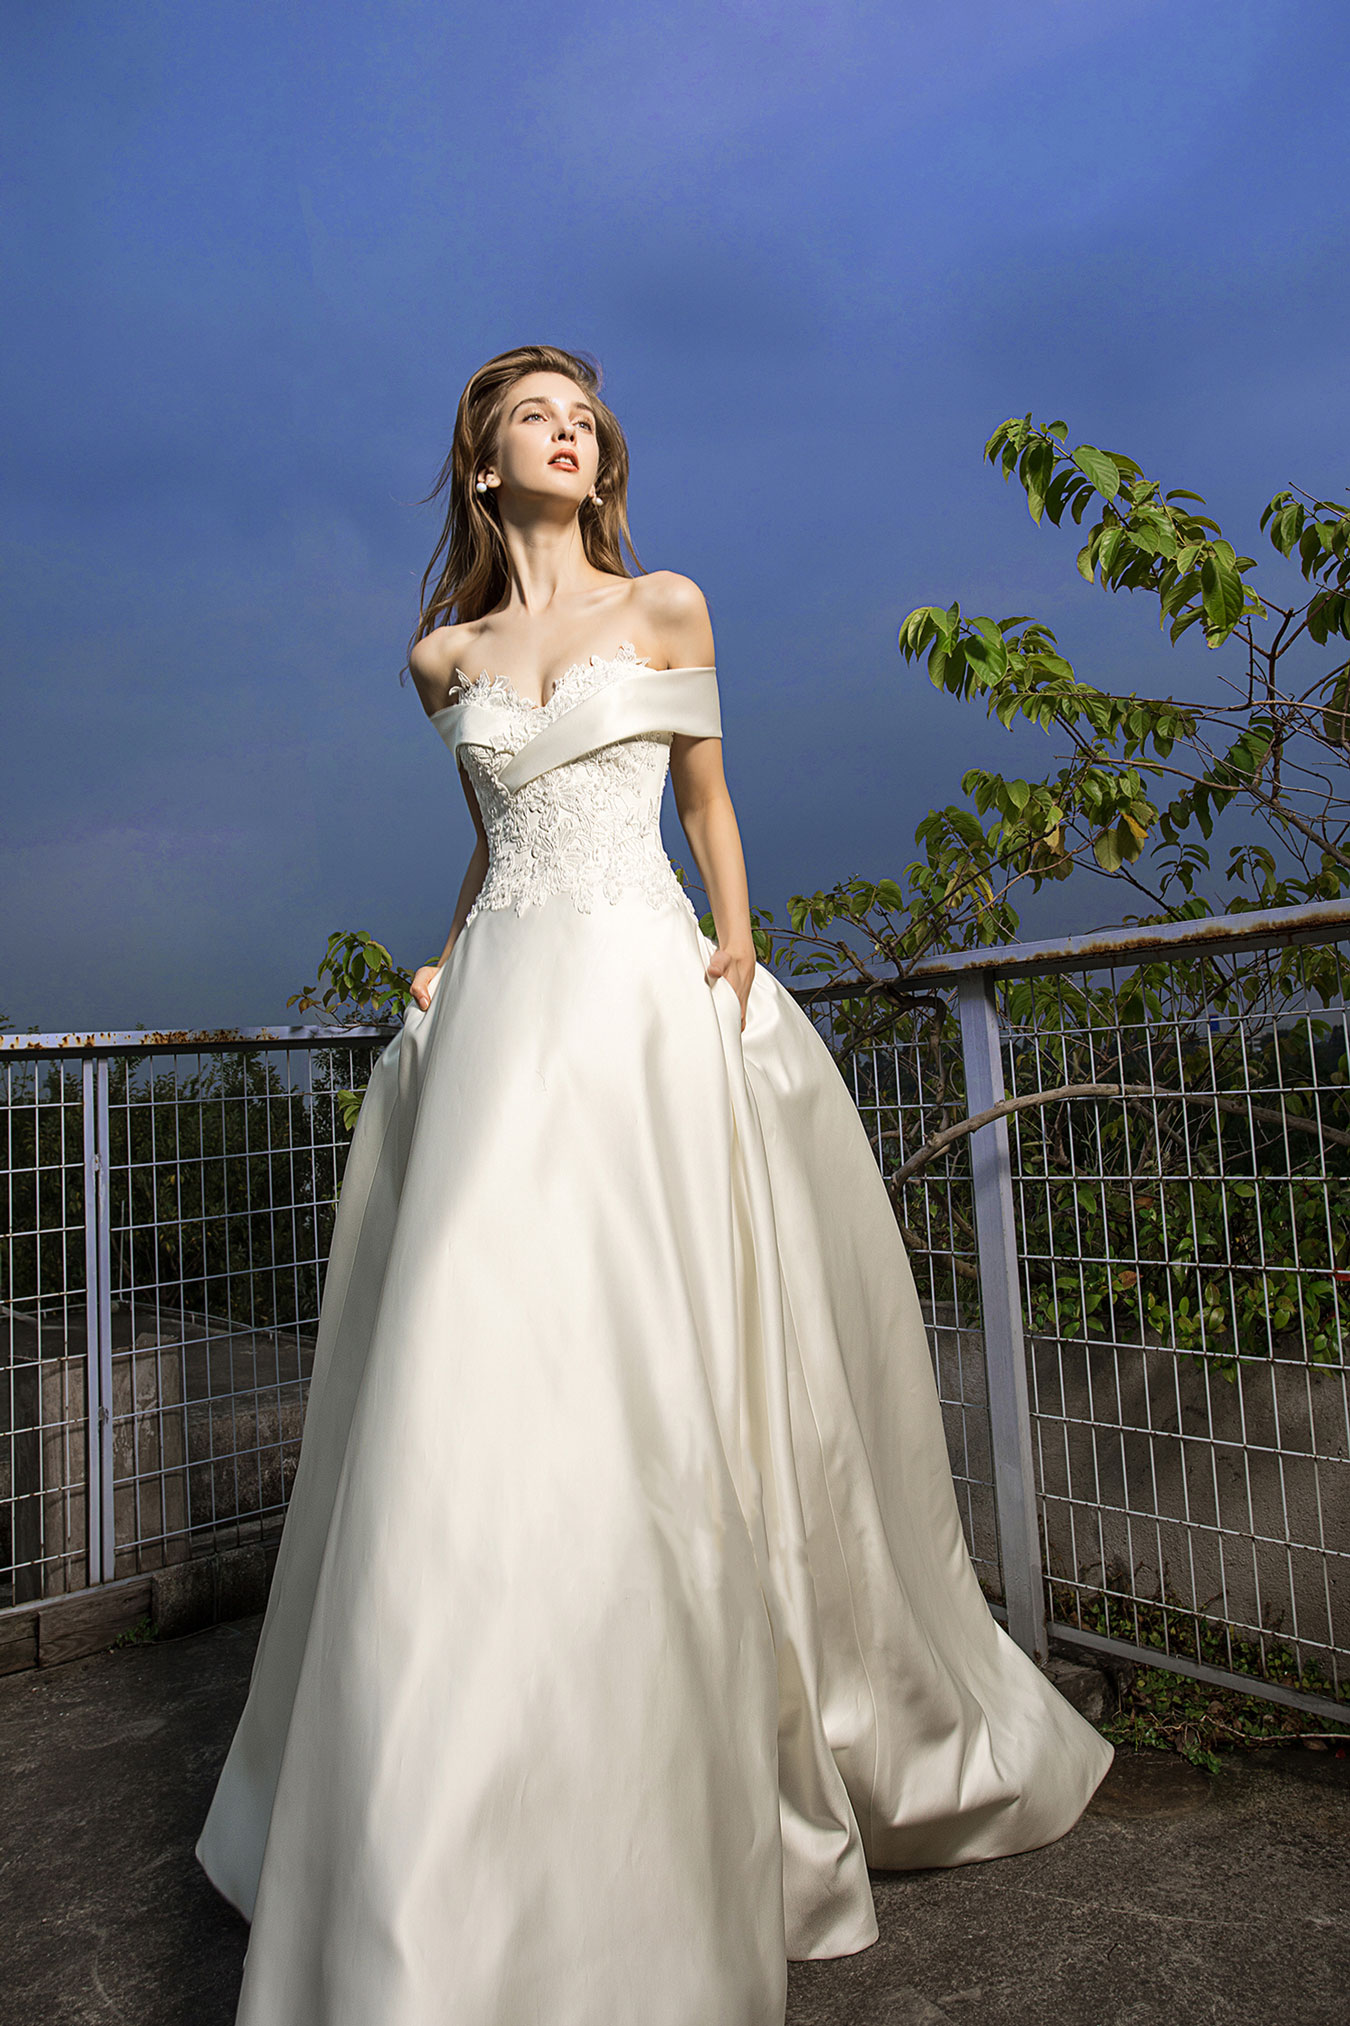 off-the-shoulder-satin-wedding-ballgown-front.jpg